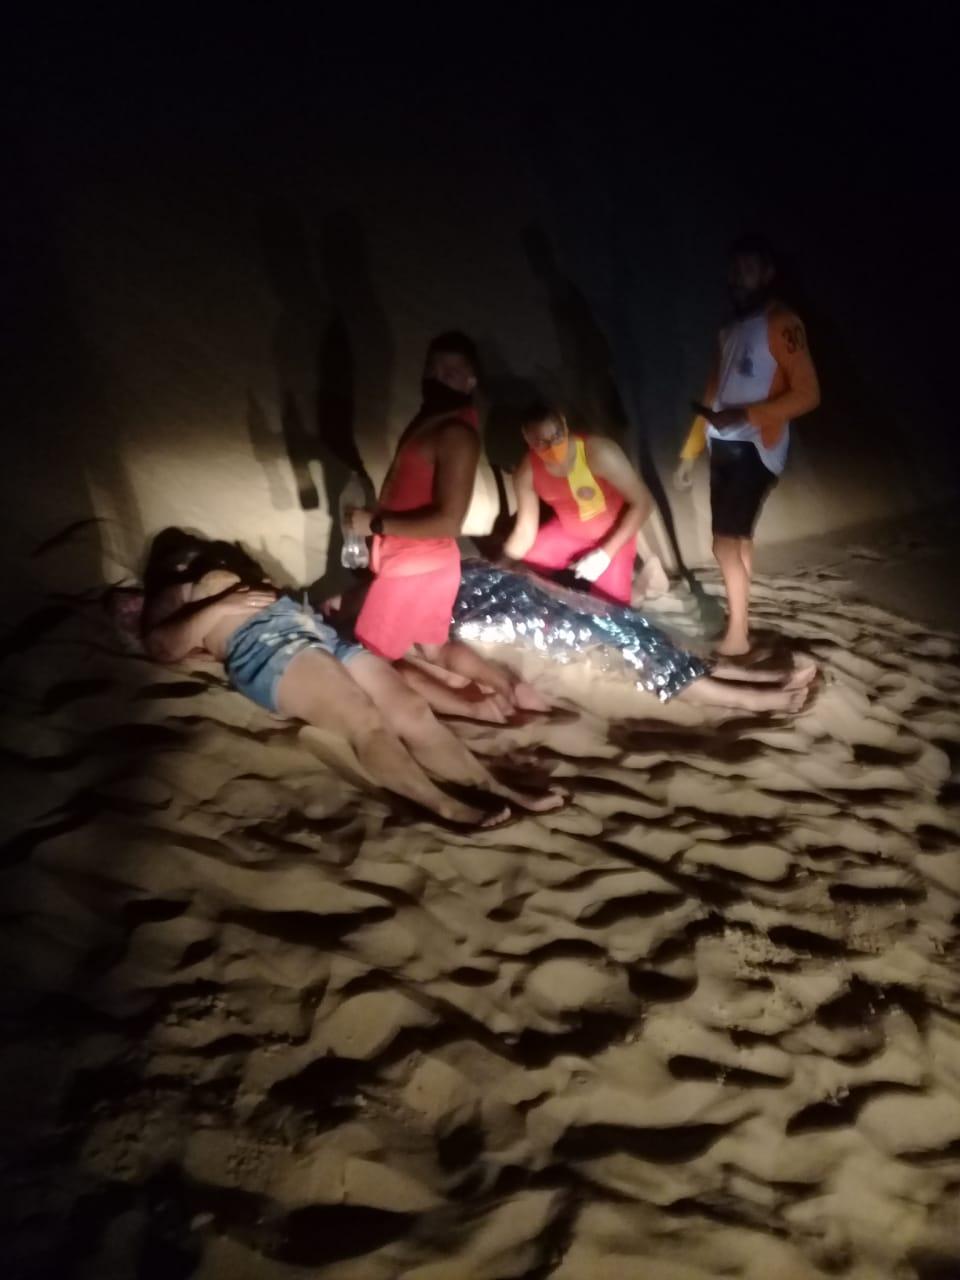 Bombeiros atuam em acidente de quadriciclo nas dunas do Aracati